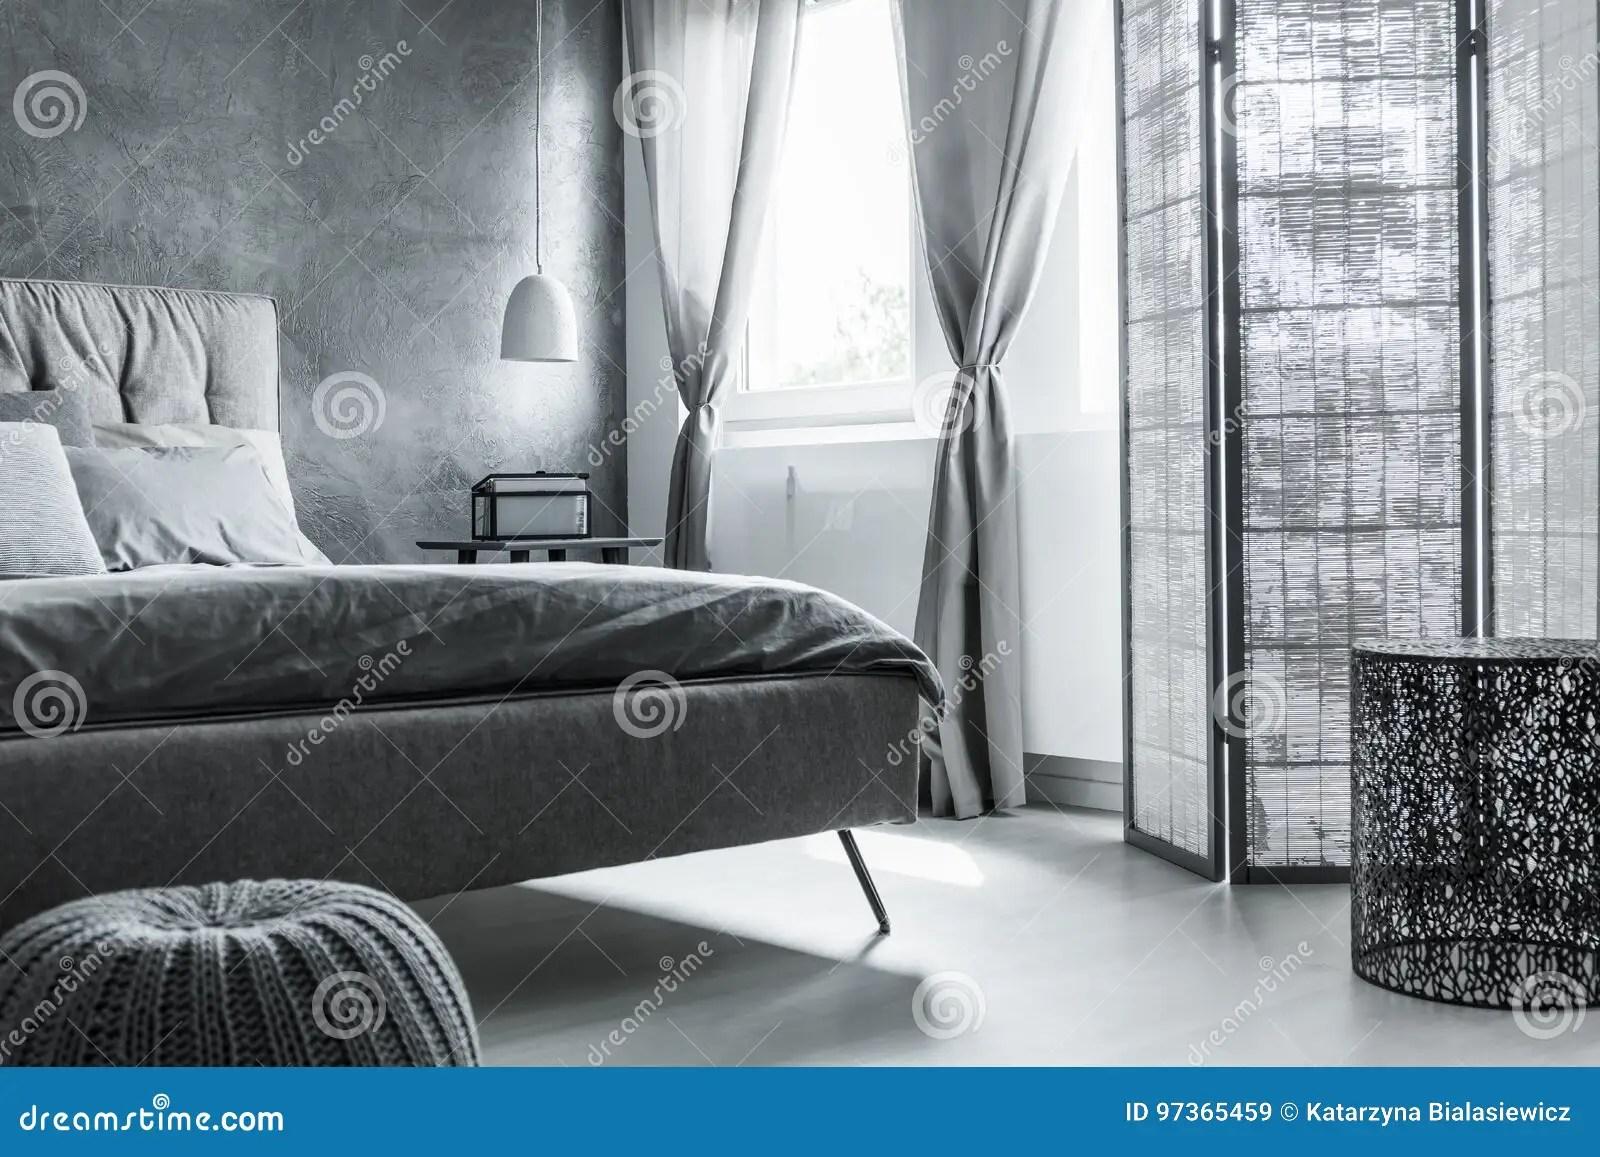 Rolgordijnen Slaapkamer 97 : Slaapkamer met grijze gordijnen villa bergencómodo interieur